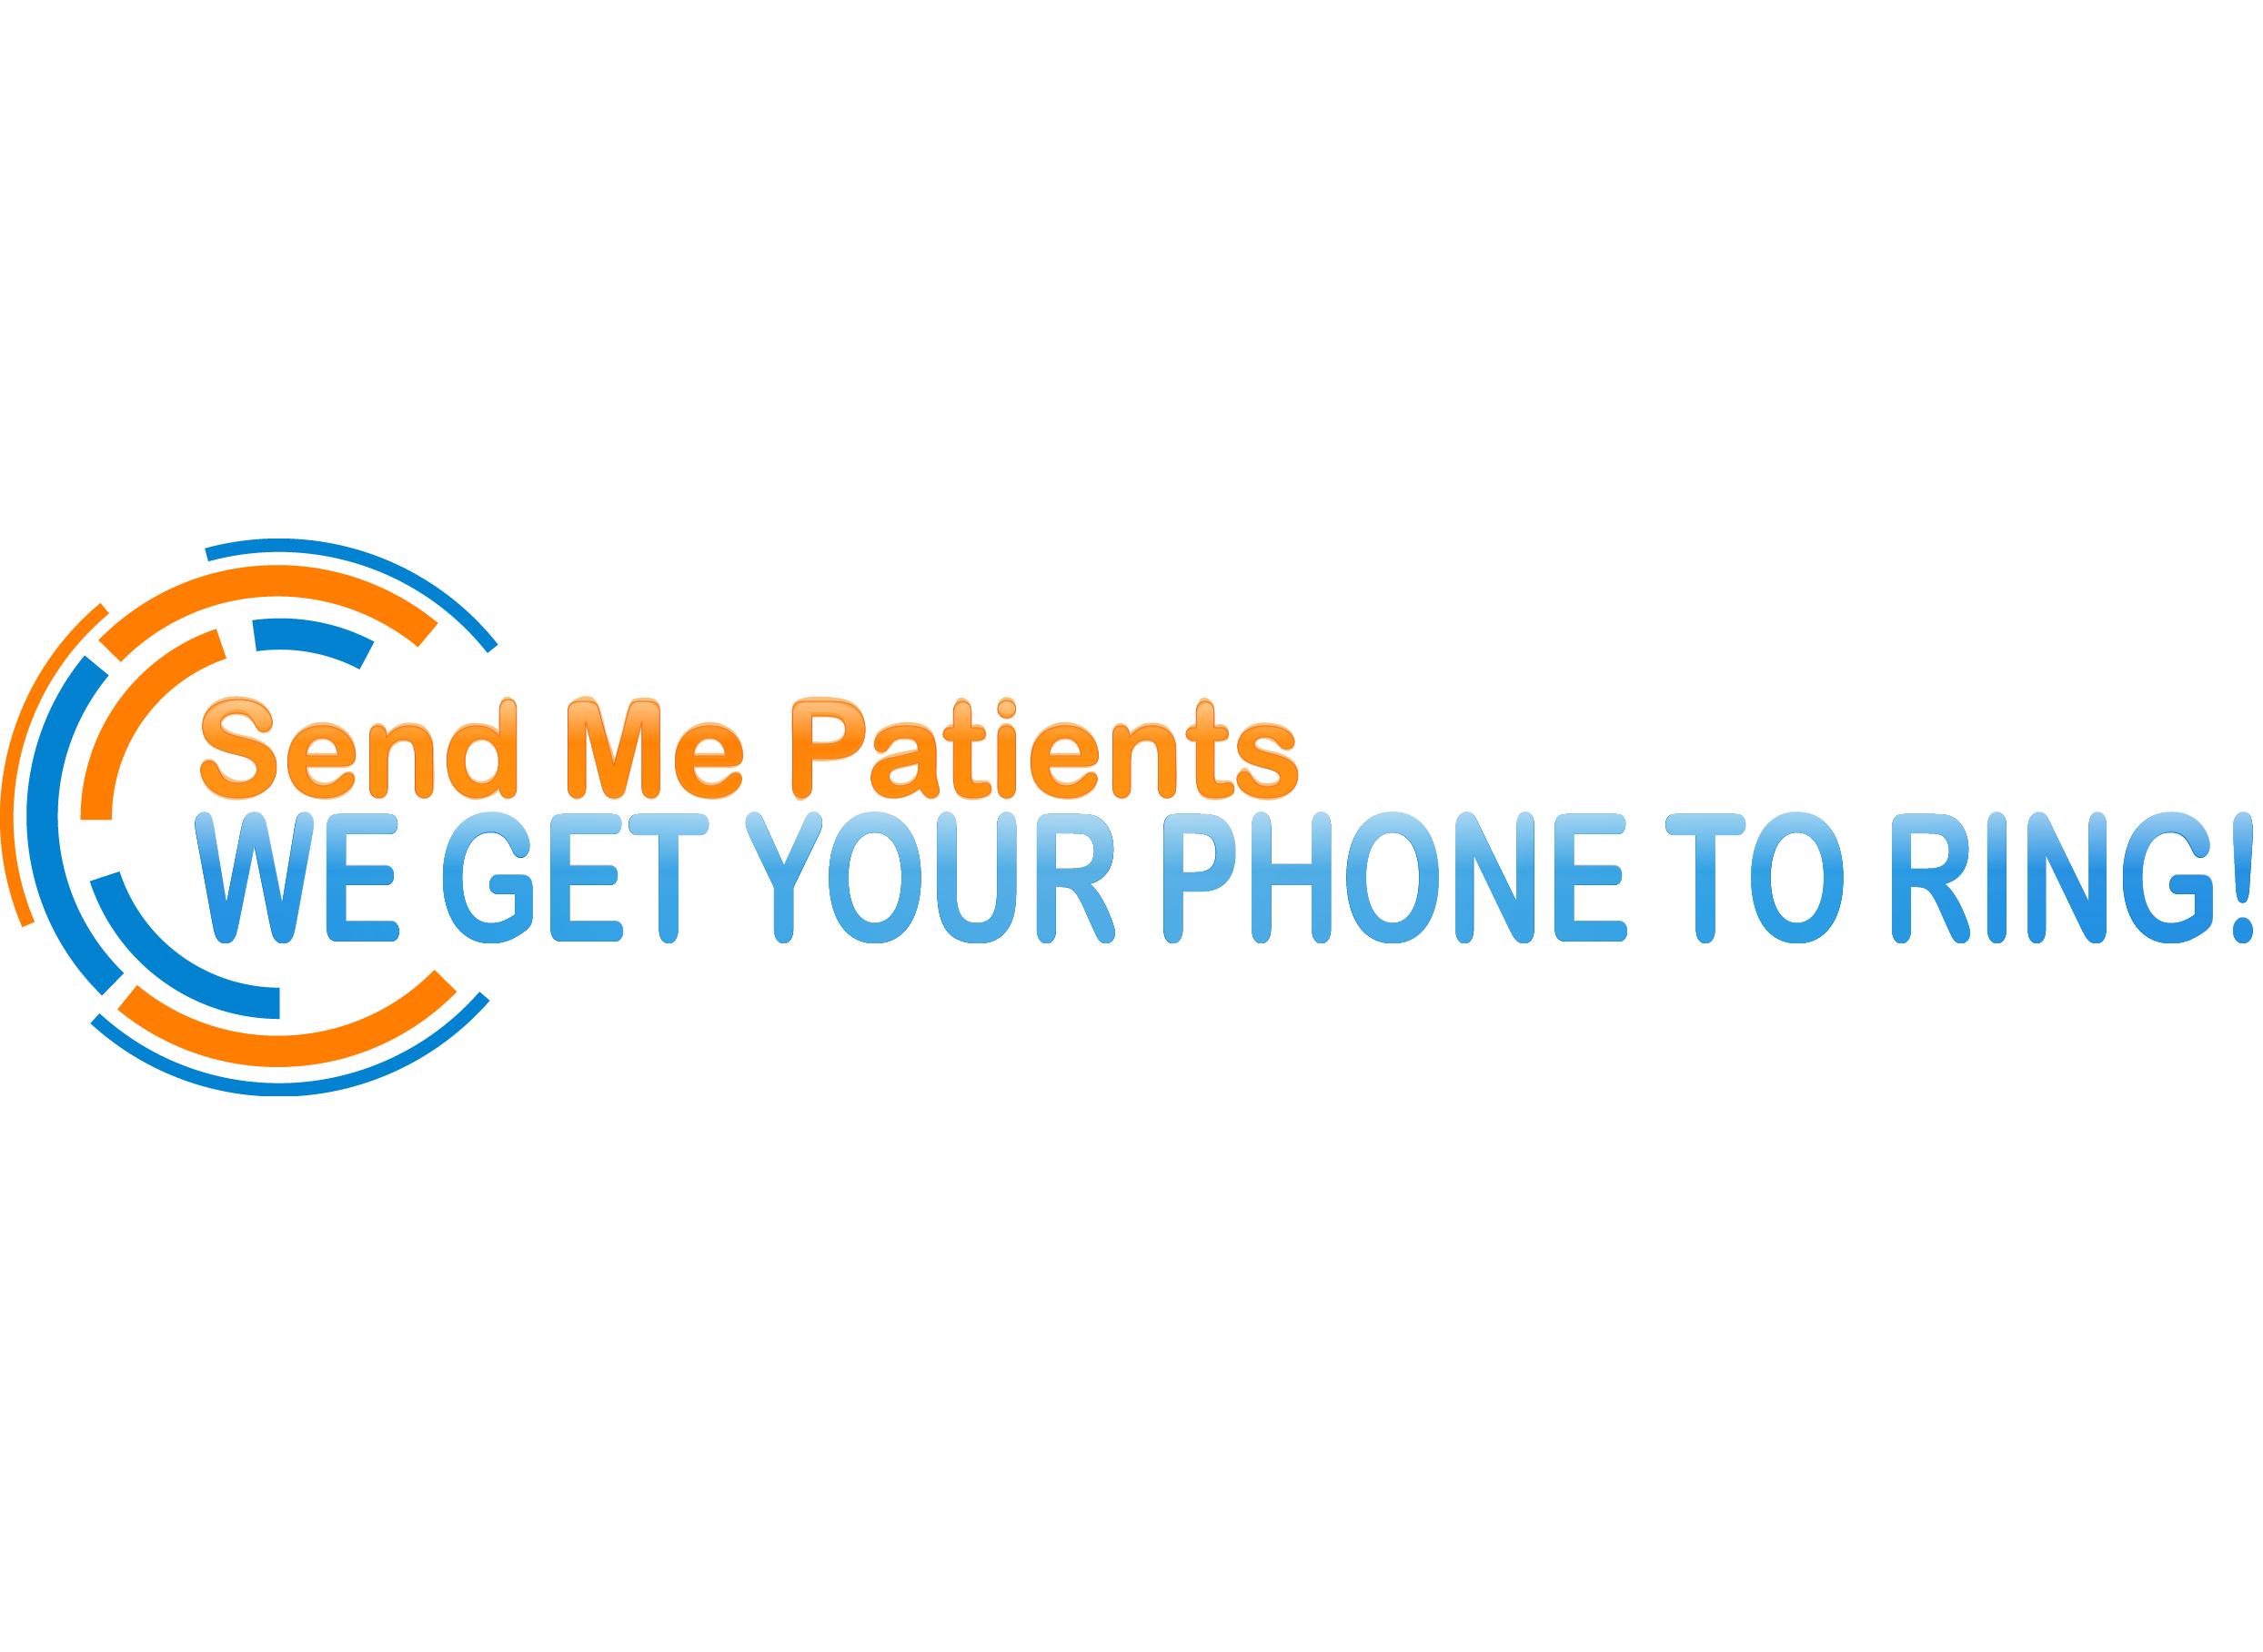 Send Me Patients